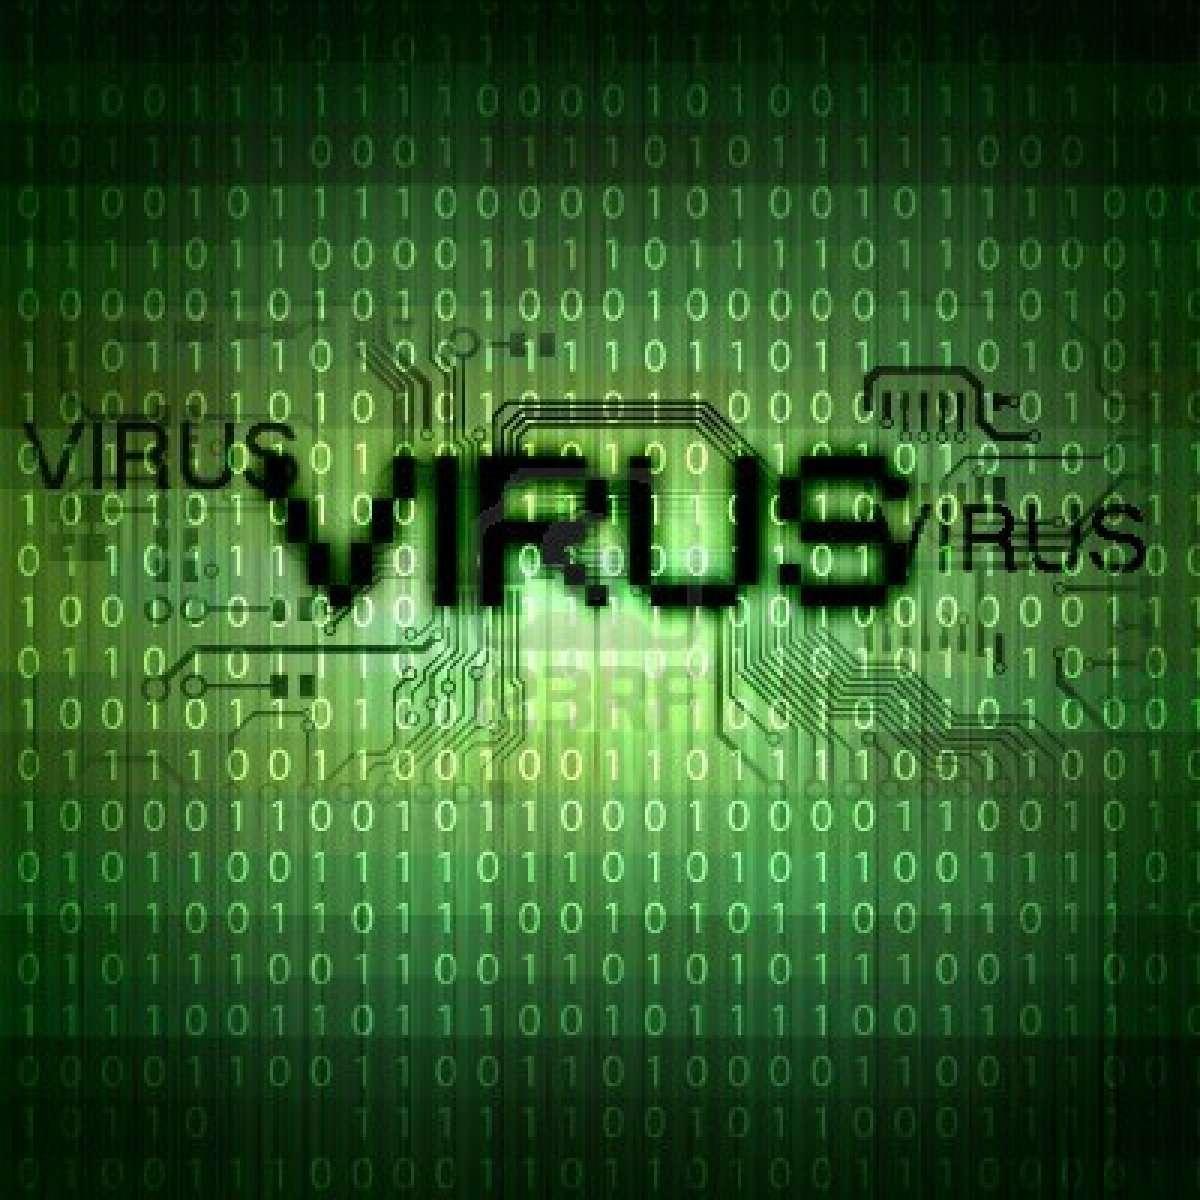 Win32/Virus.f12